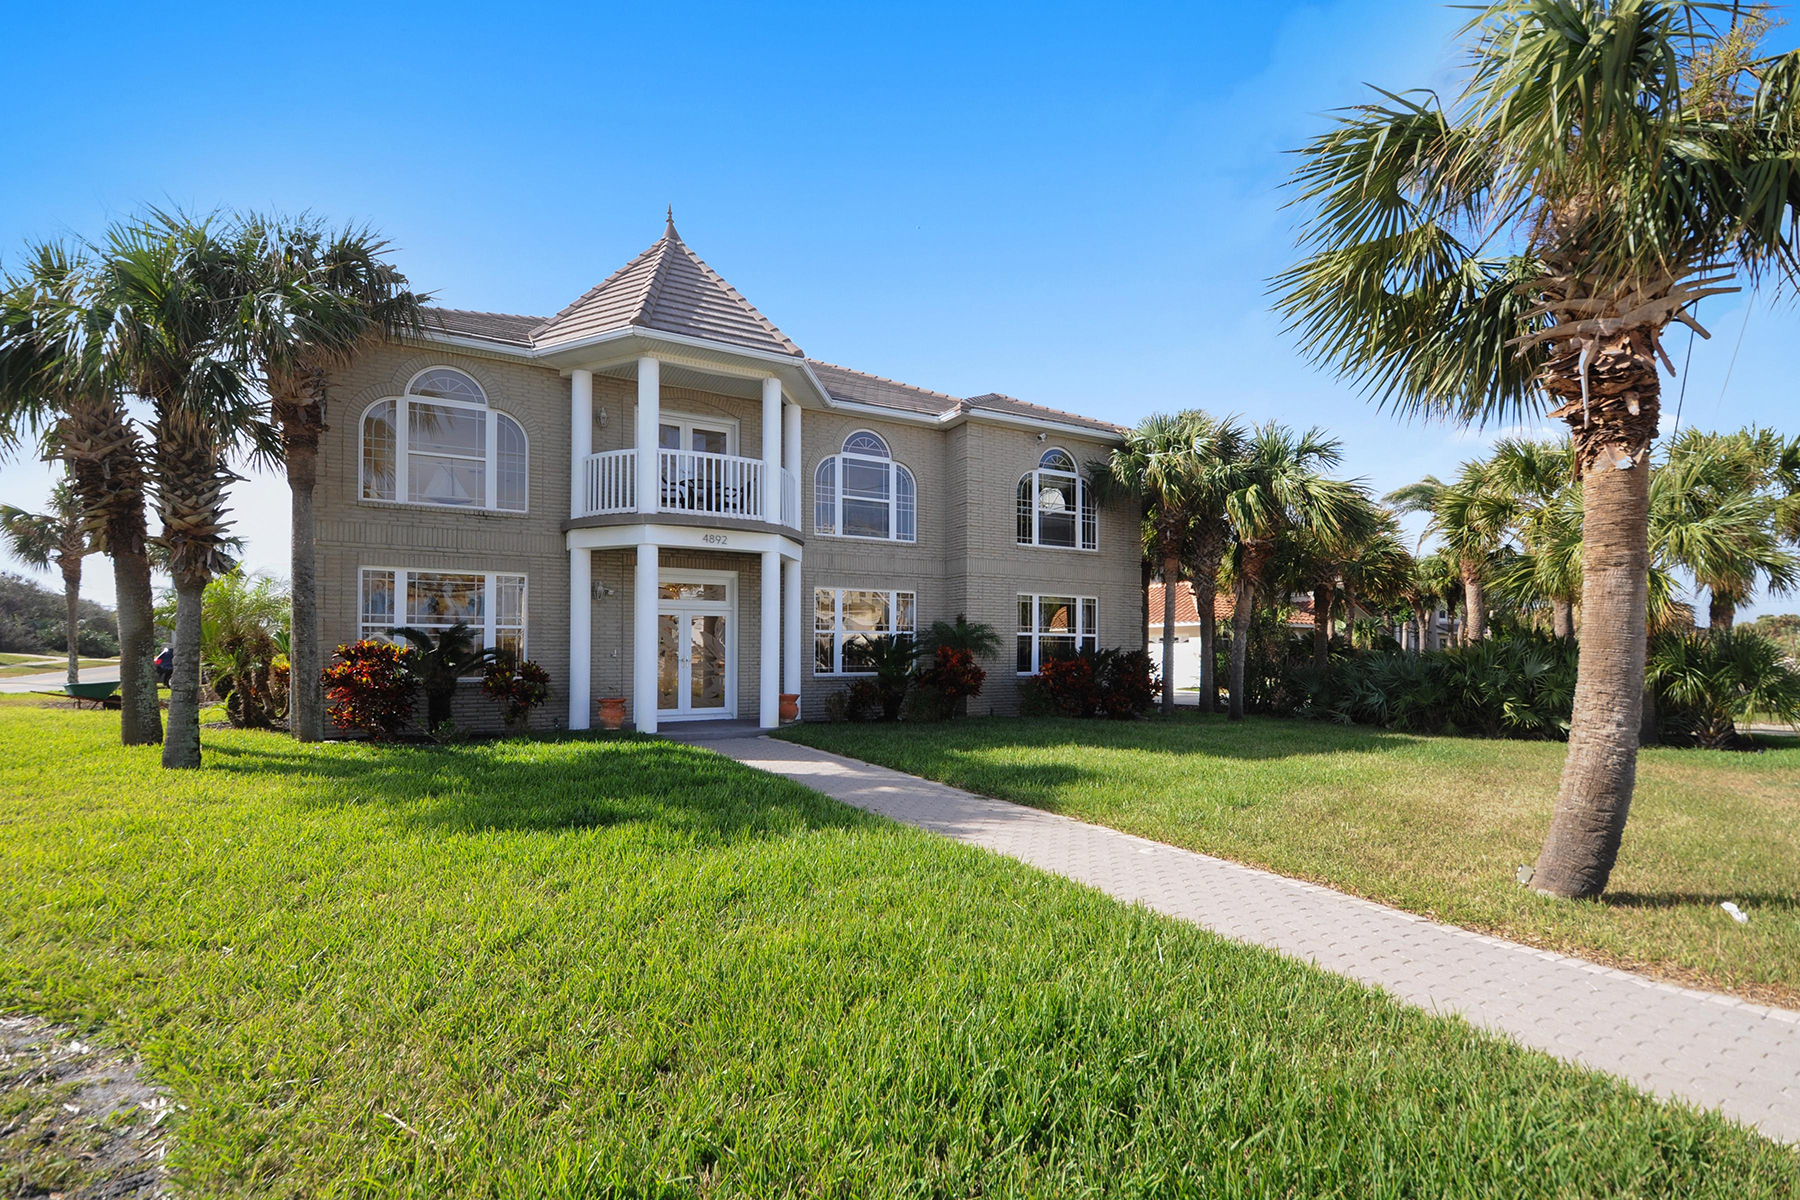 Vivienda unifamiliar por un Venta en PONCE INLET 4892 S Atlantic Ave Ponce Inlet, Florida, 32127 Estados Unidos